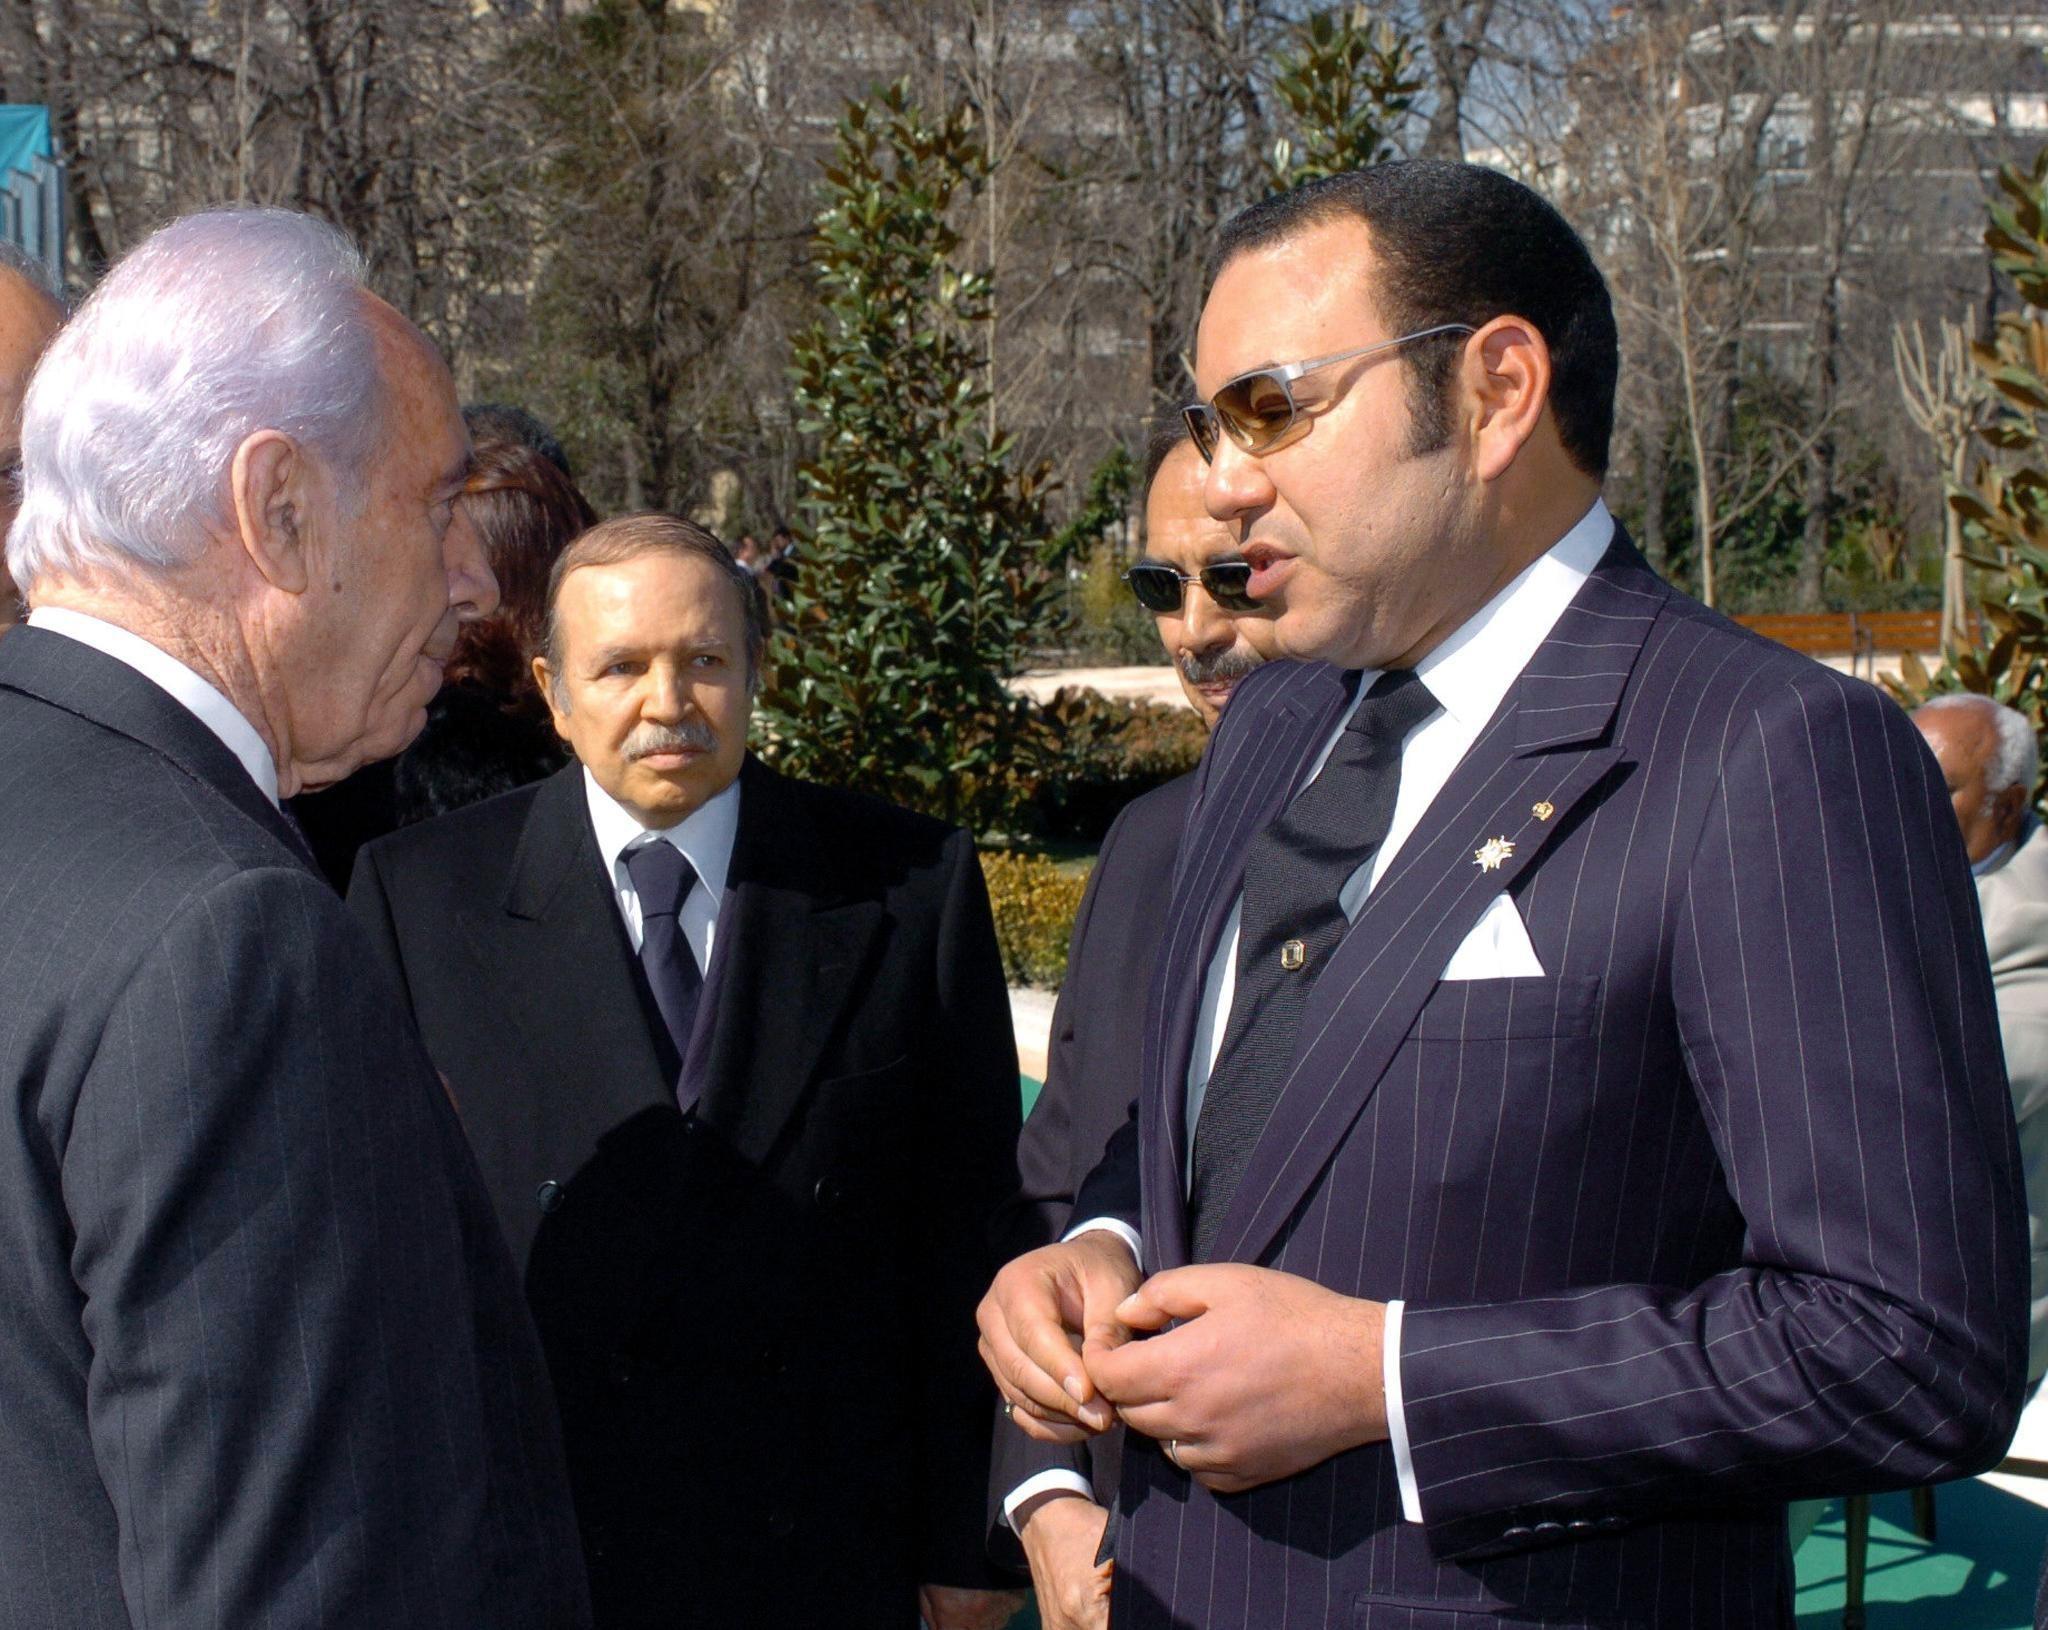 ملك المغرب محمد السادس يجري محادثات مع نائب رئيس وزراء الاحتلال شيمون بيريز، ويظهر رئيس الجزائر السابق عبد العزيز بوتفليقة، في مارس 2005.jpg